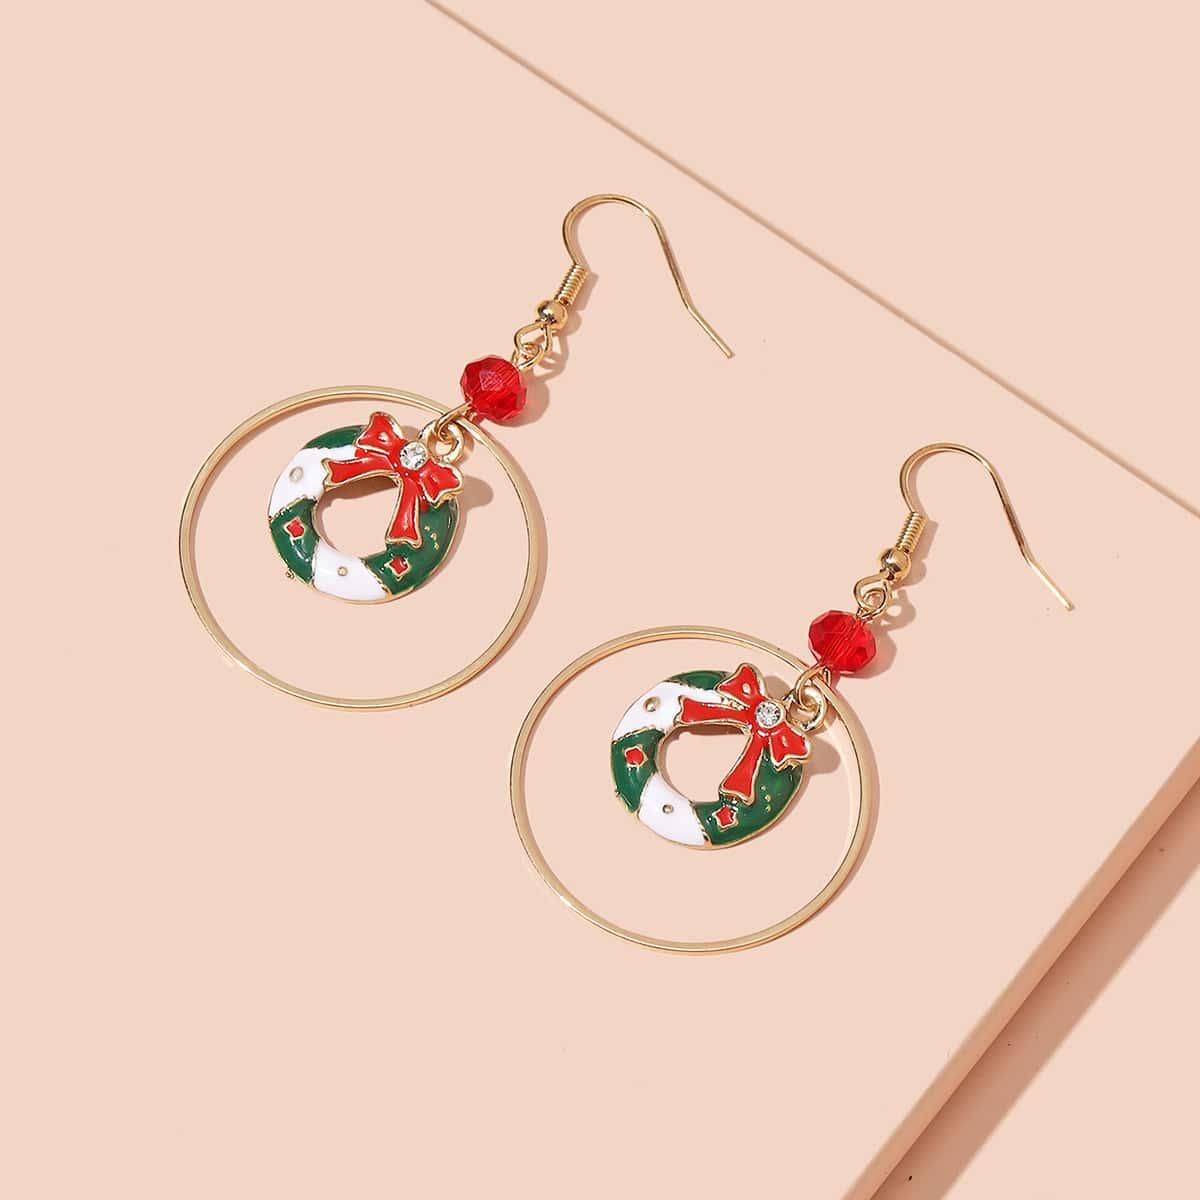 SHEIN / Weihnachten Ohrringe mit Kranz Dekor